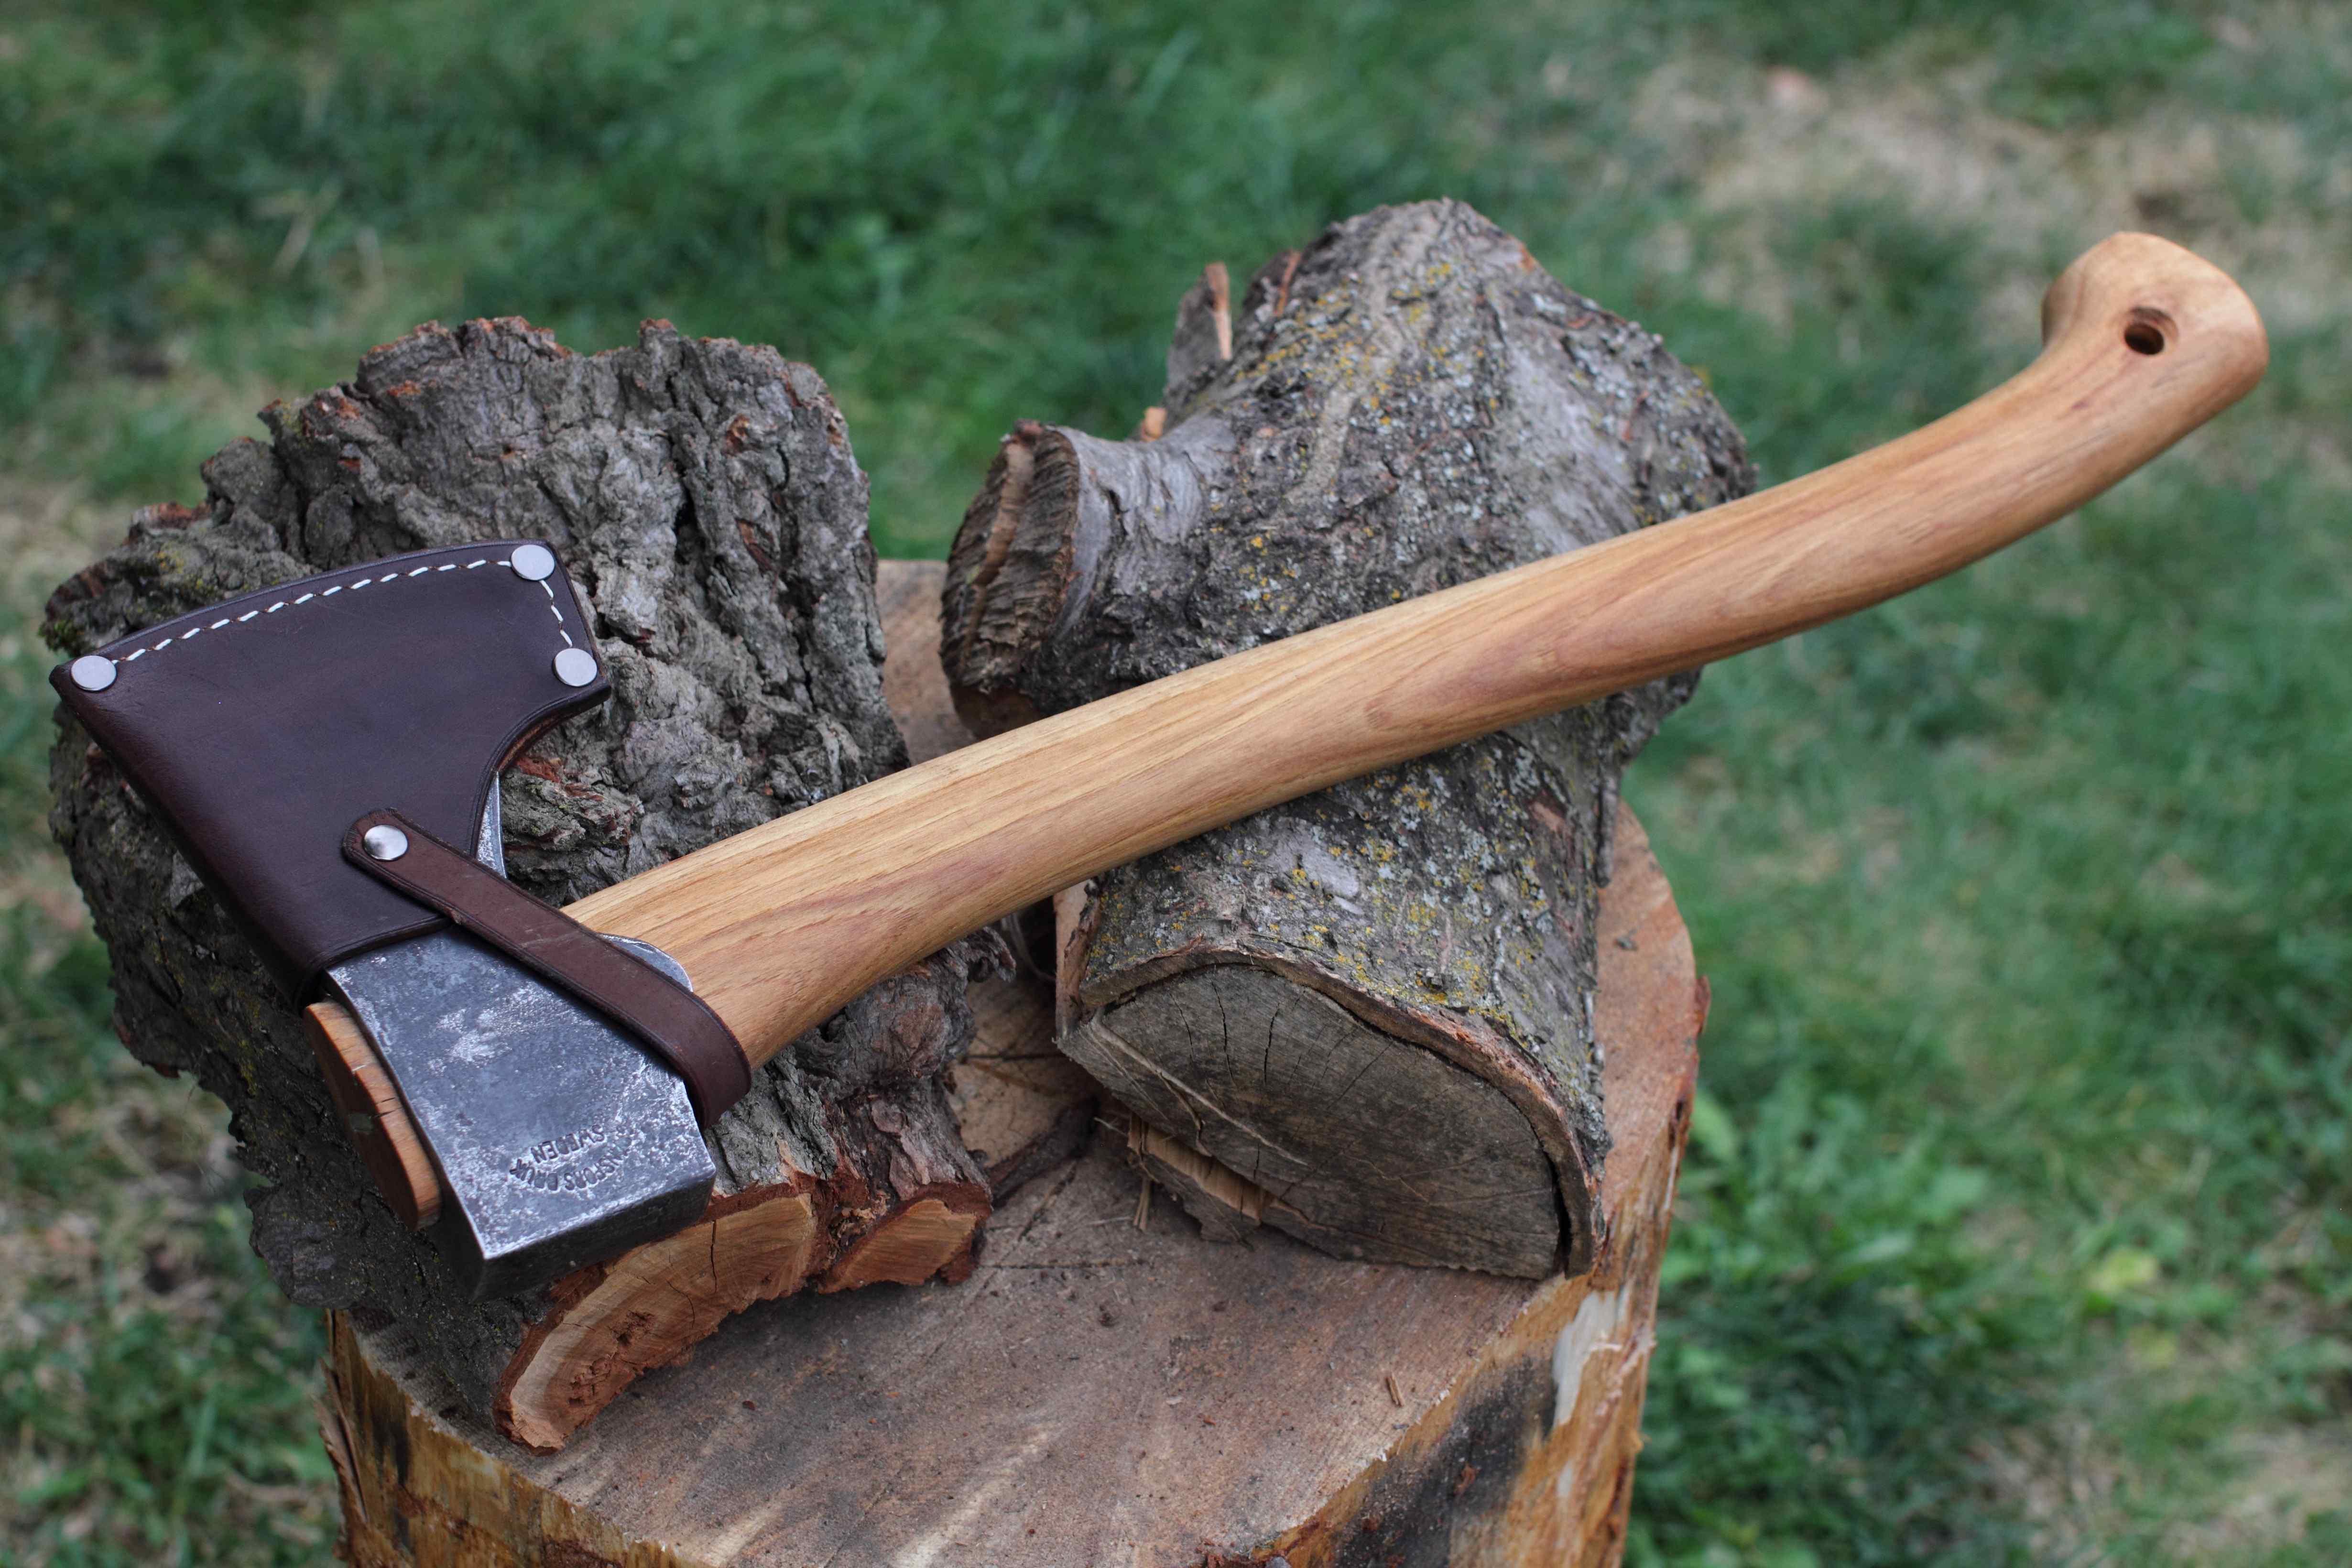 Custom Leather Sheath For Gransfors Bruks Small